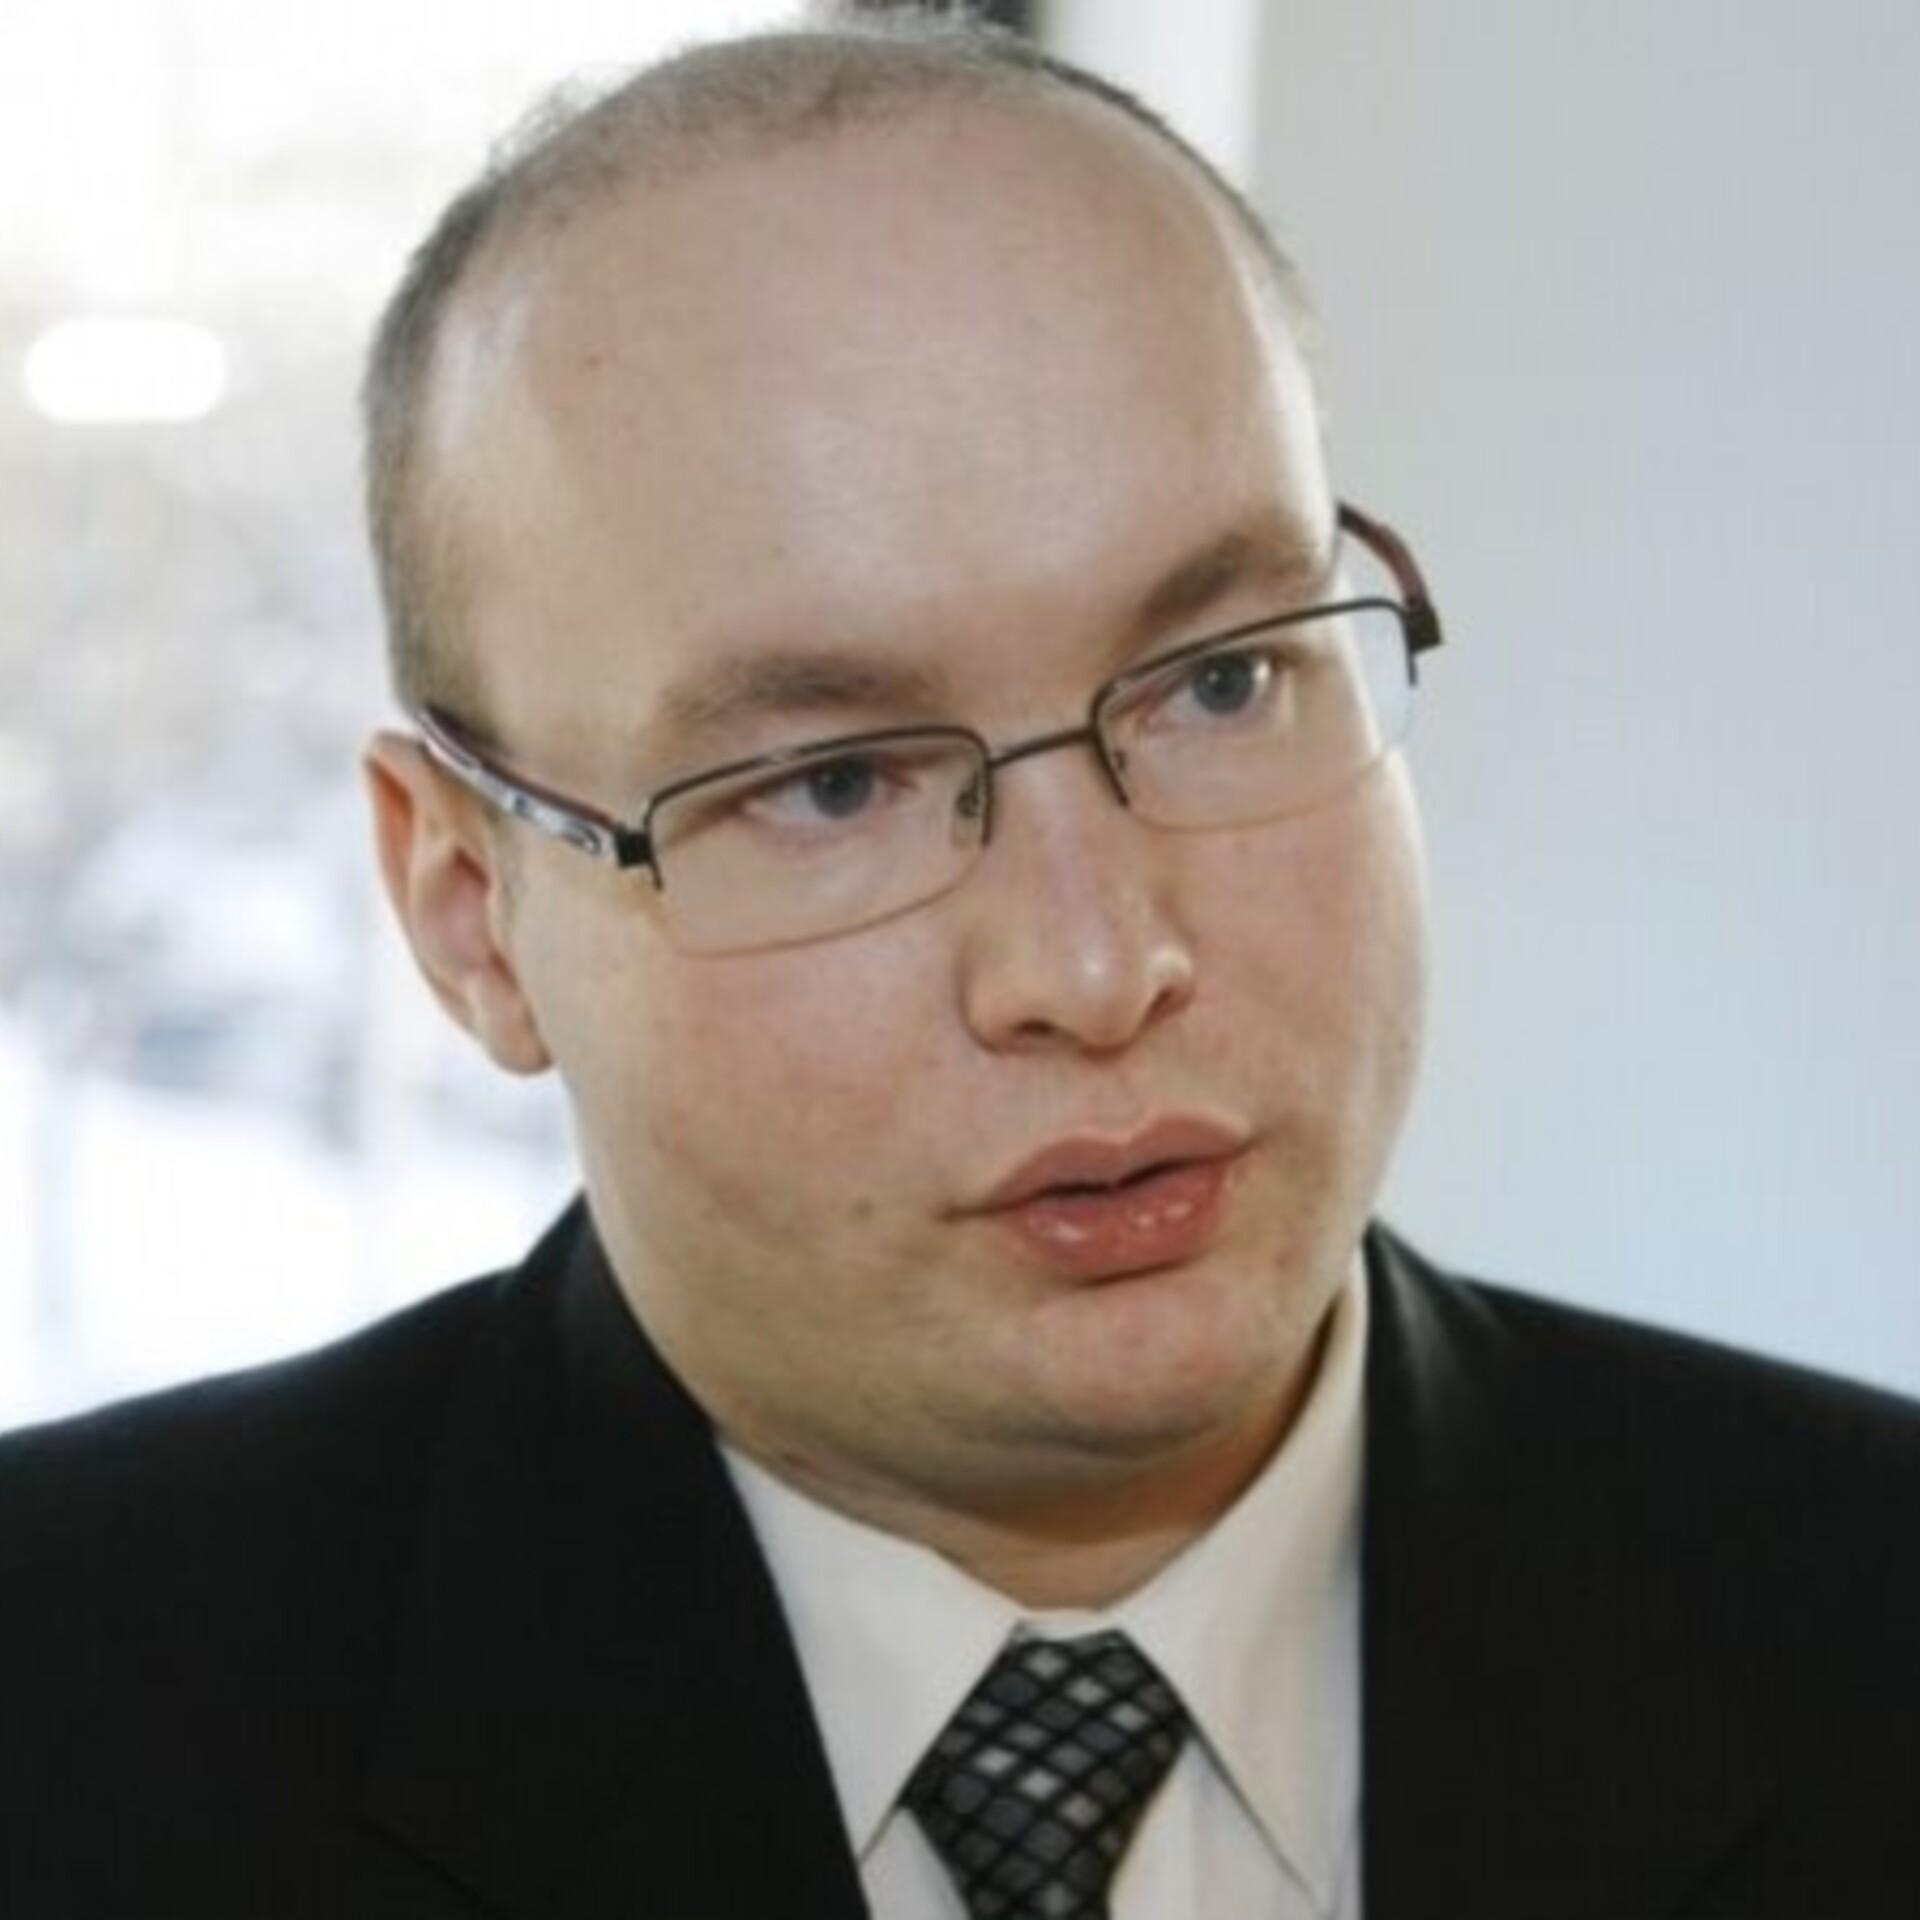 a1f01f154b7 Saarts: Laari kiri koalitsiooni ei kõiguta | Eesti | ERR